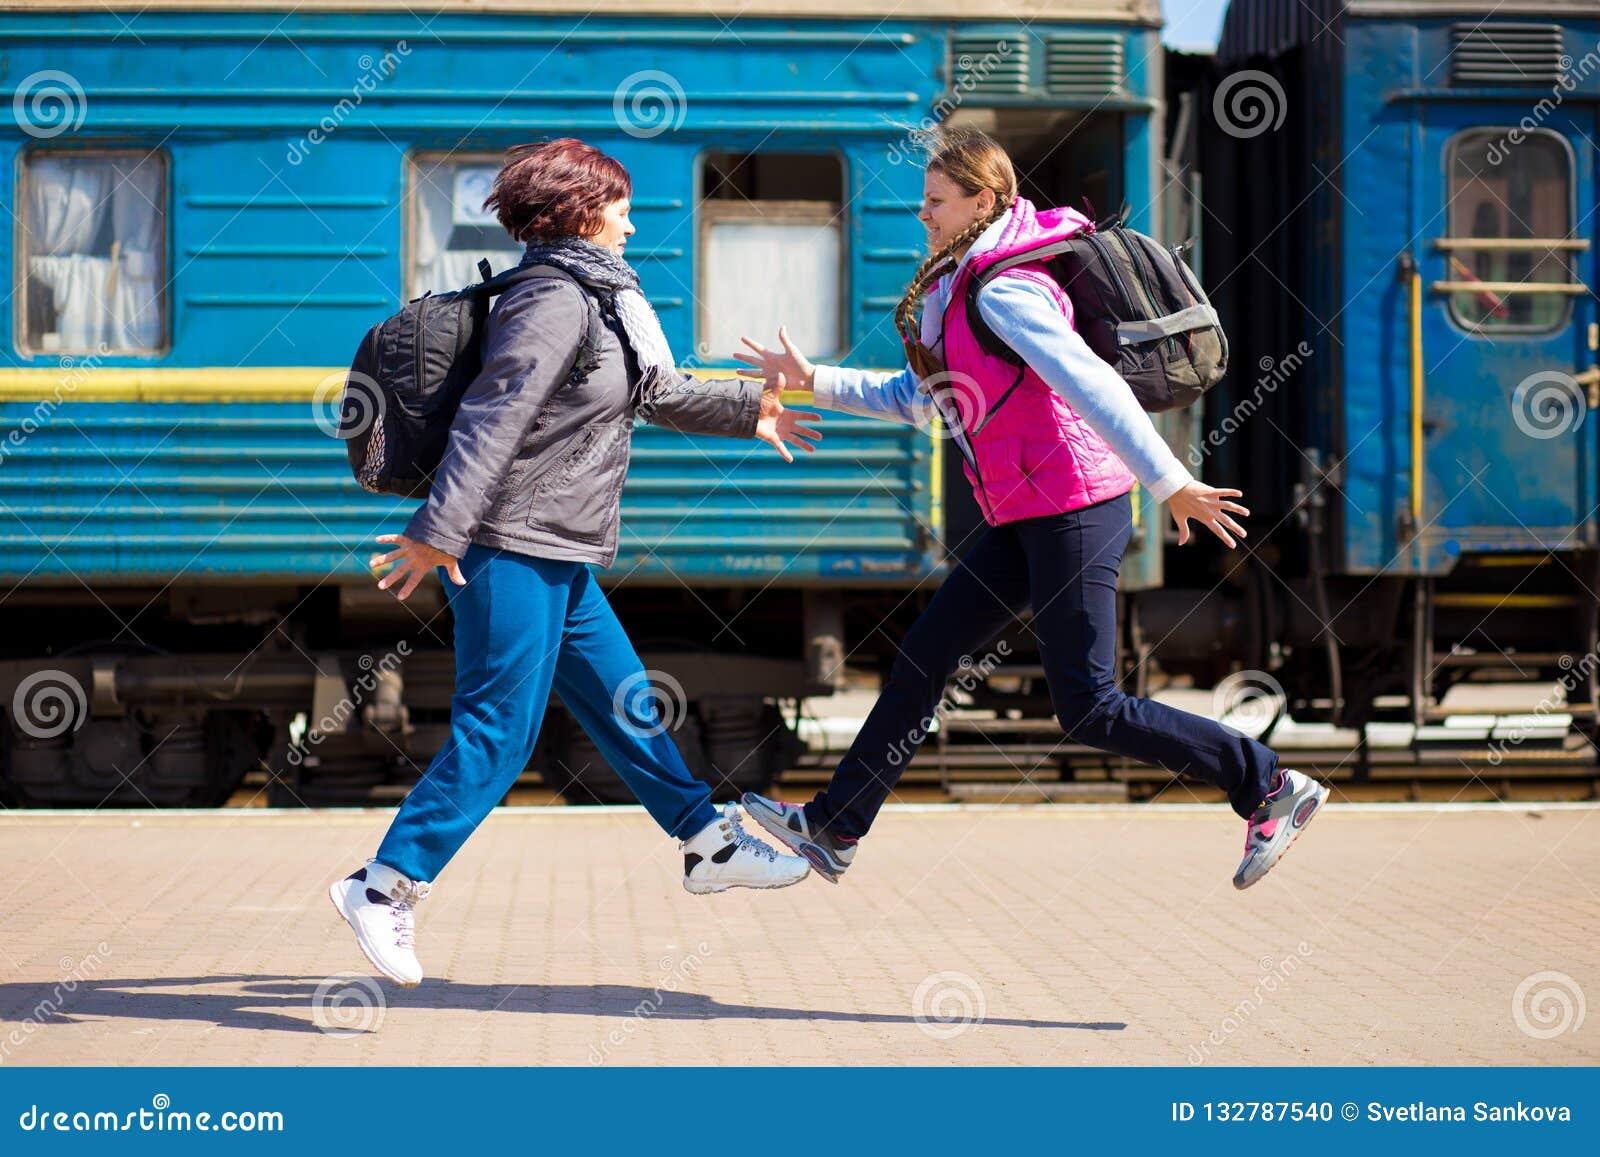 Dwa kobieta z plecakiem biegającym przy stacją kolejową